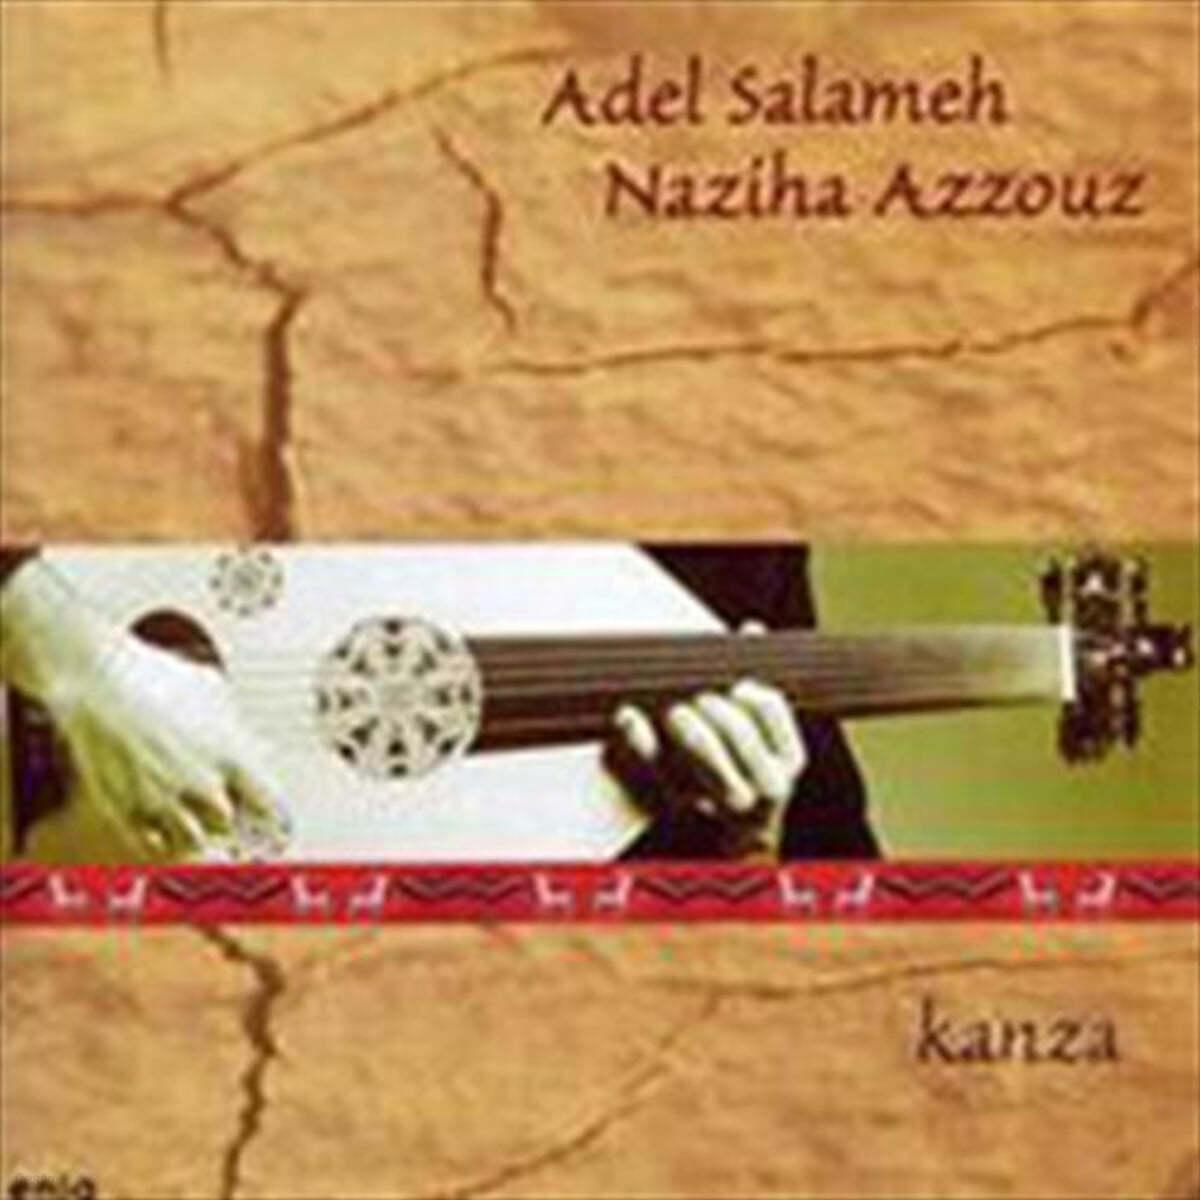 Adel Salameh / Naziha Azzouz (아델 살라메 / 나지하 아주우즈) - Kanza